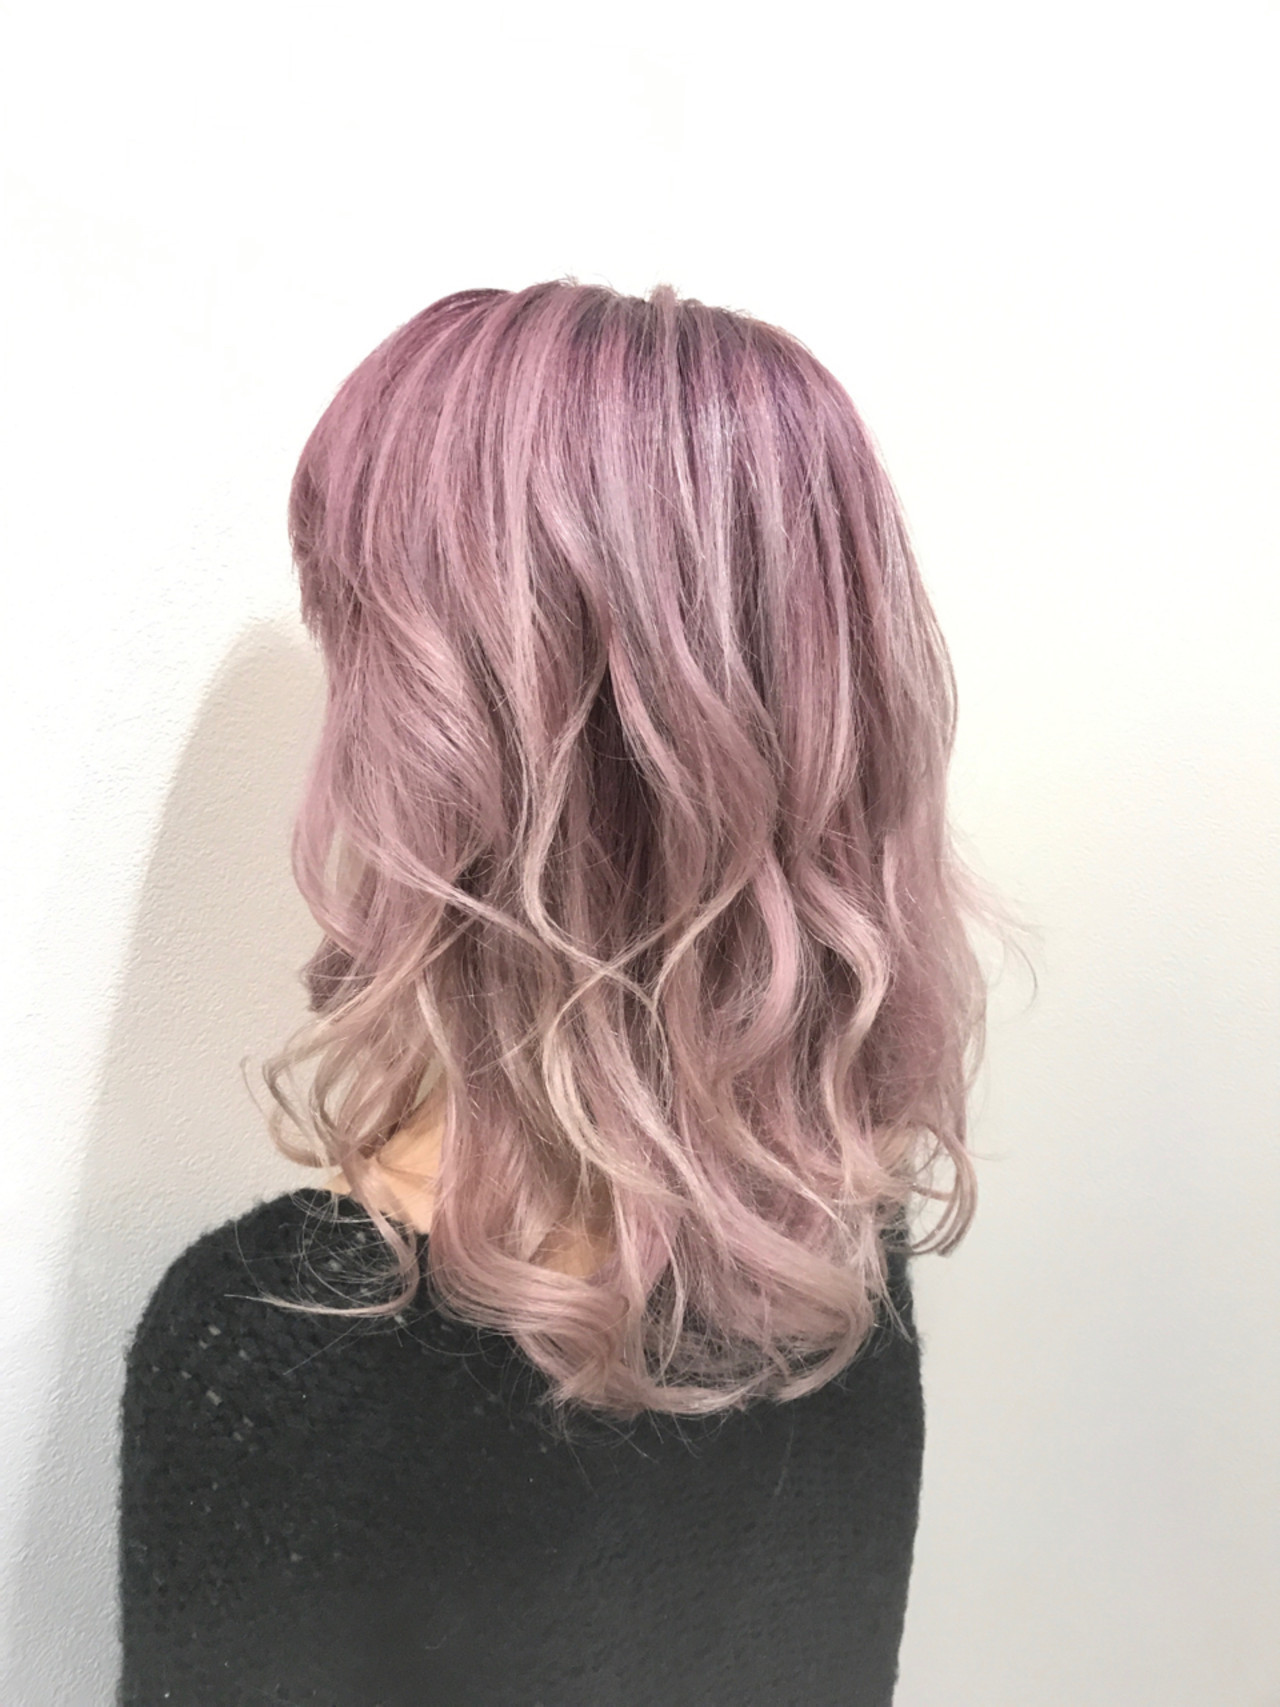 柔らかい色のピンクを入れても女性らしいヘアーに 毛呂圭佑